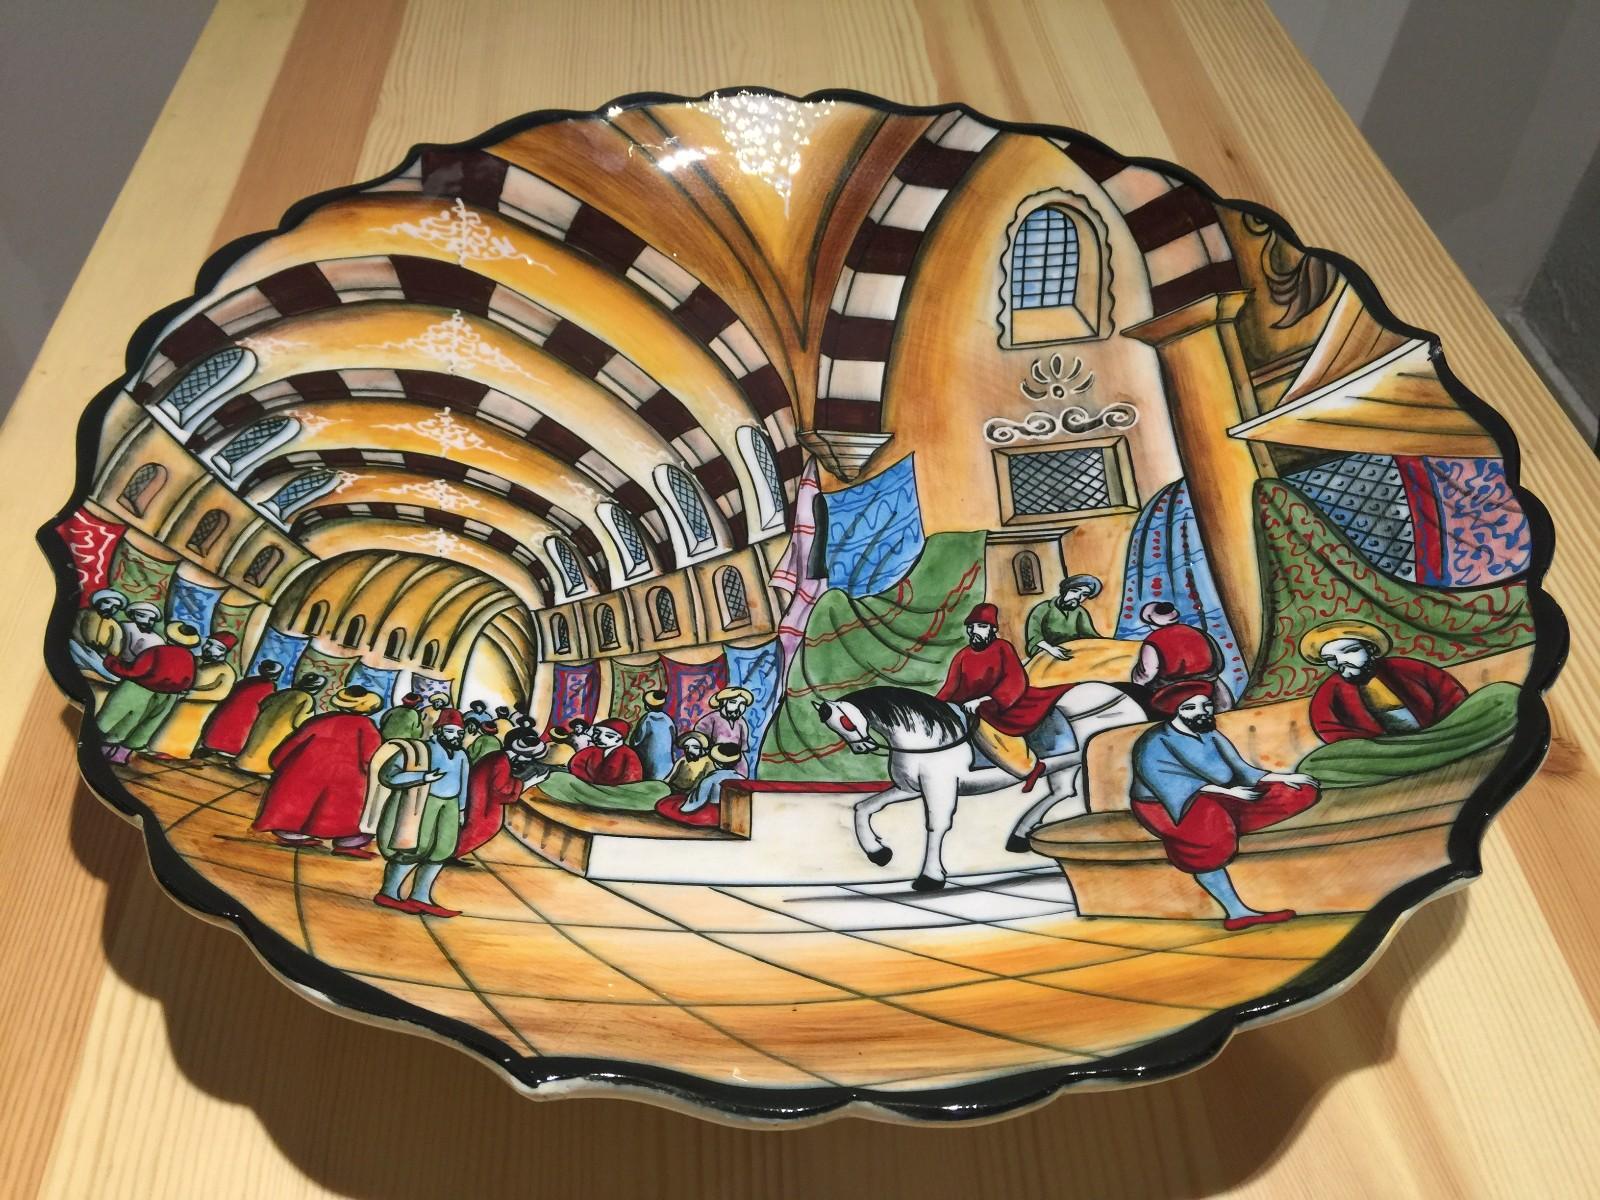 土耳其精品陶艺工艺品 家装摆件图片一